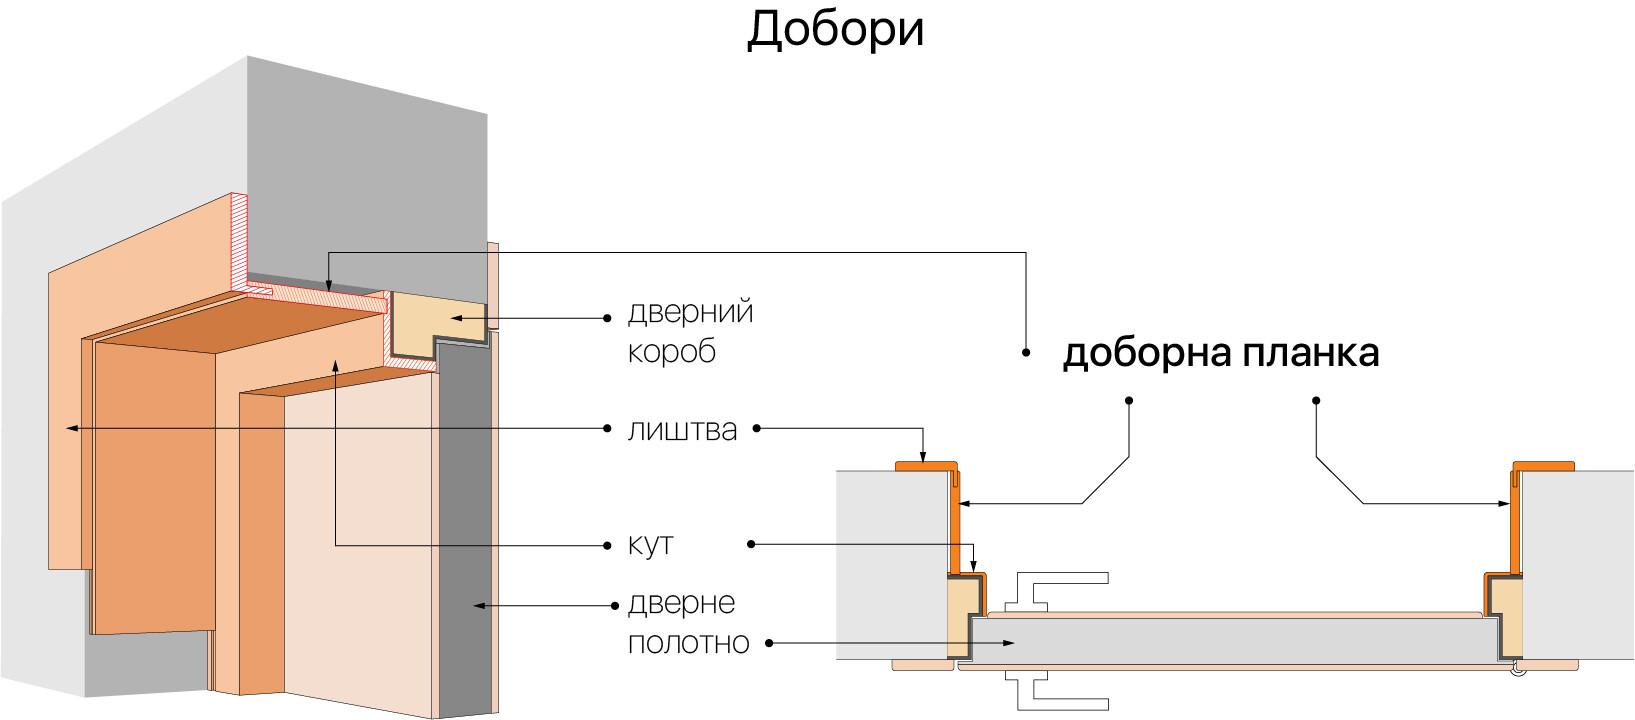 схема дверного порталу (доборів)